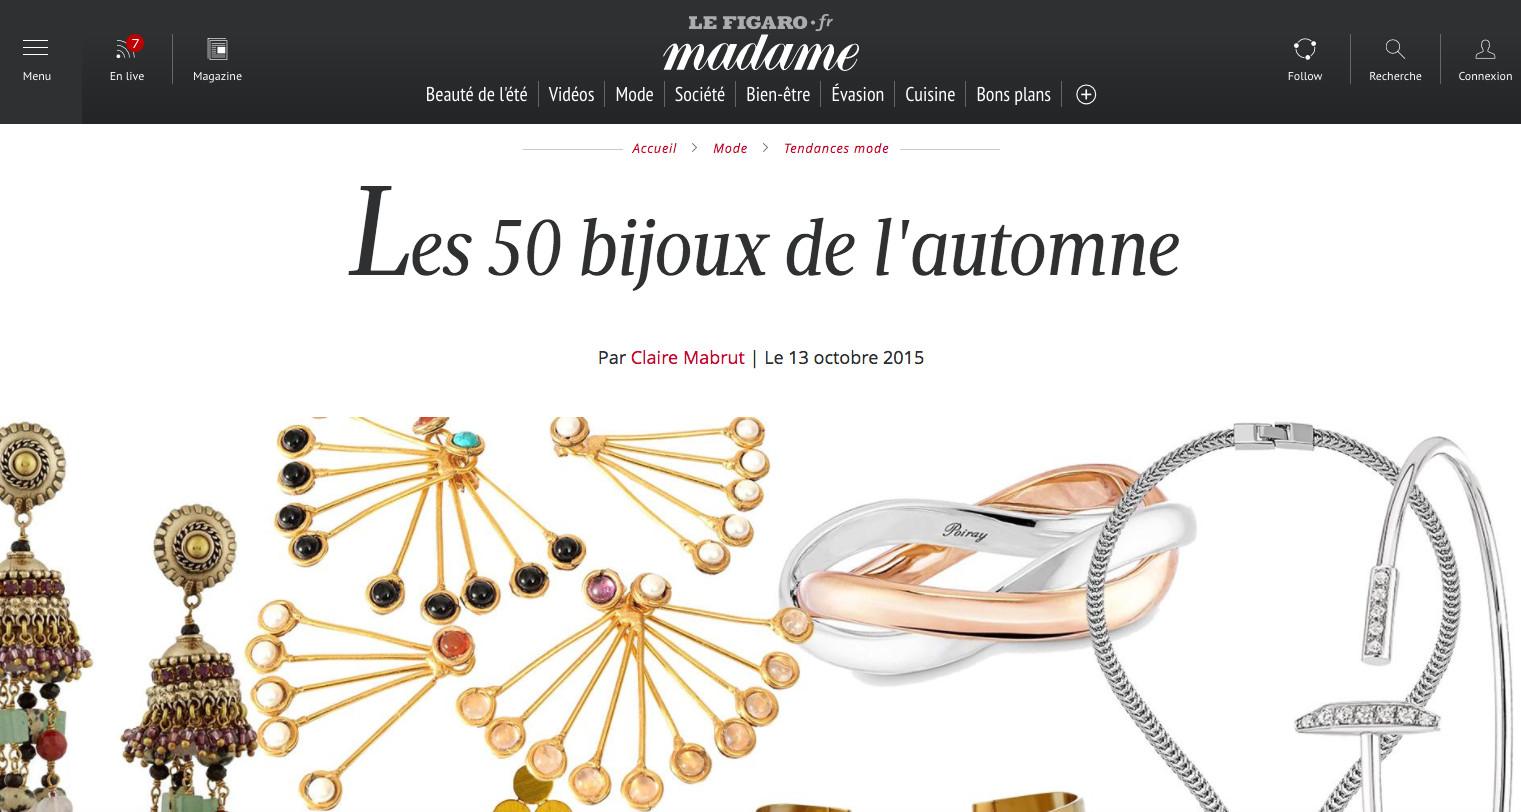 Le Figaro Madame Les 50 bijoux de l'automne